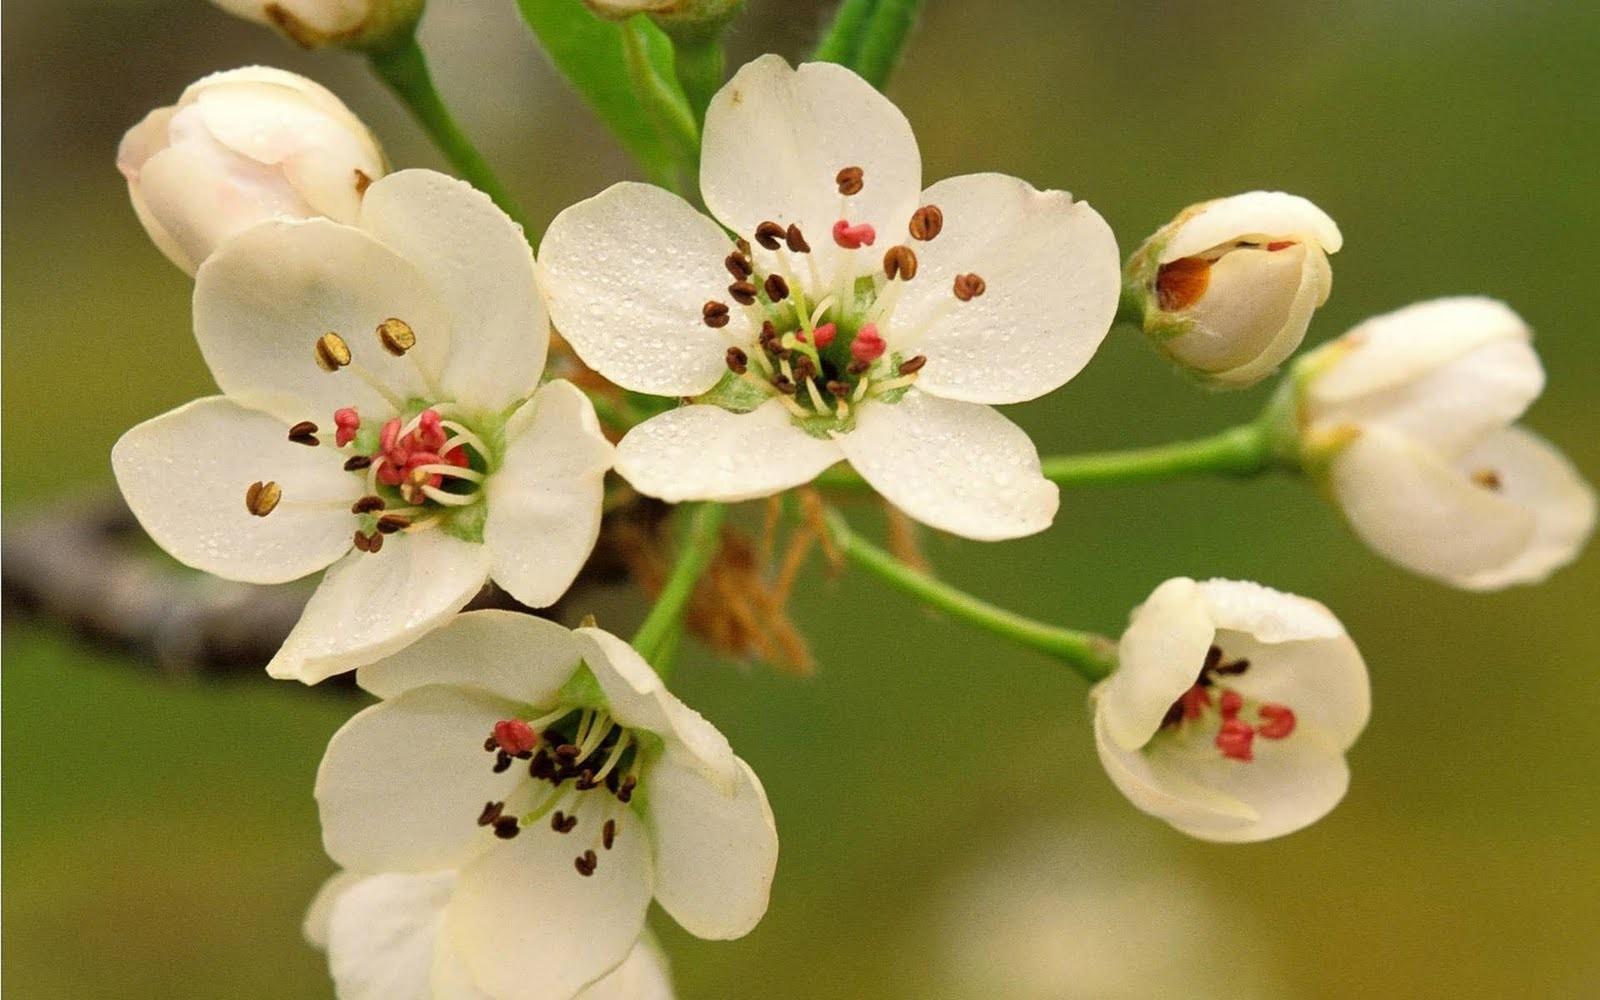 Flores blancas con pistilos - 1600x1000